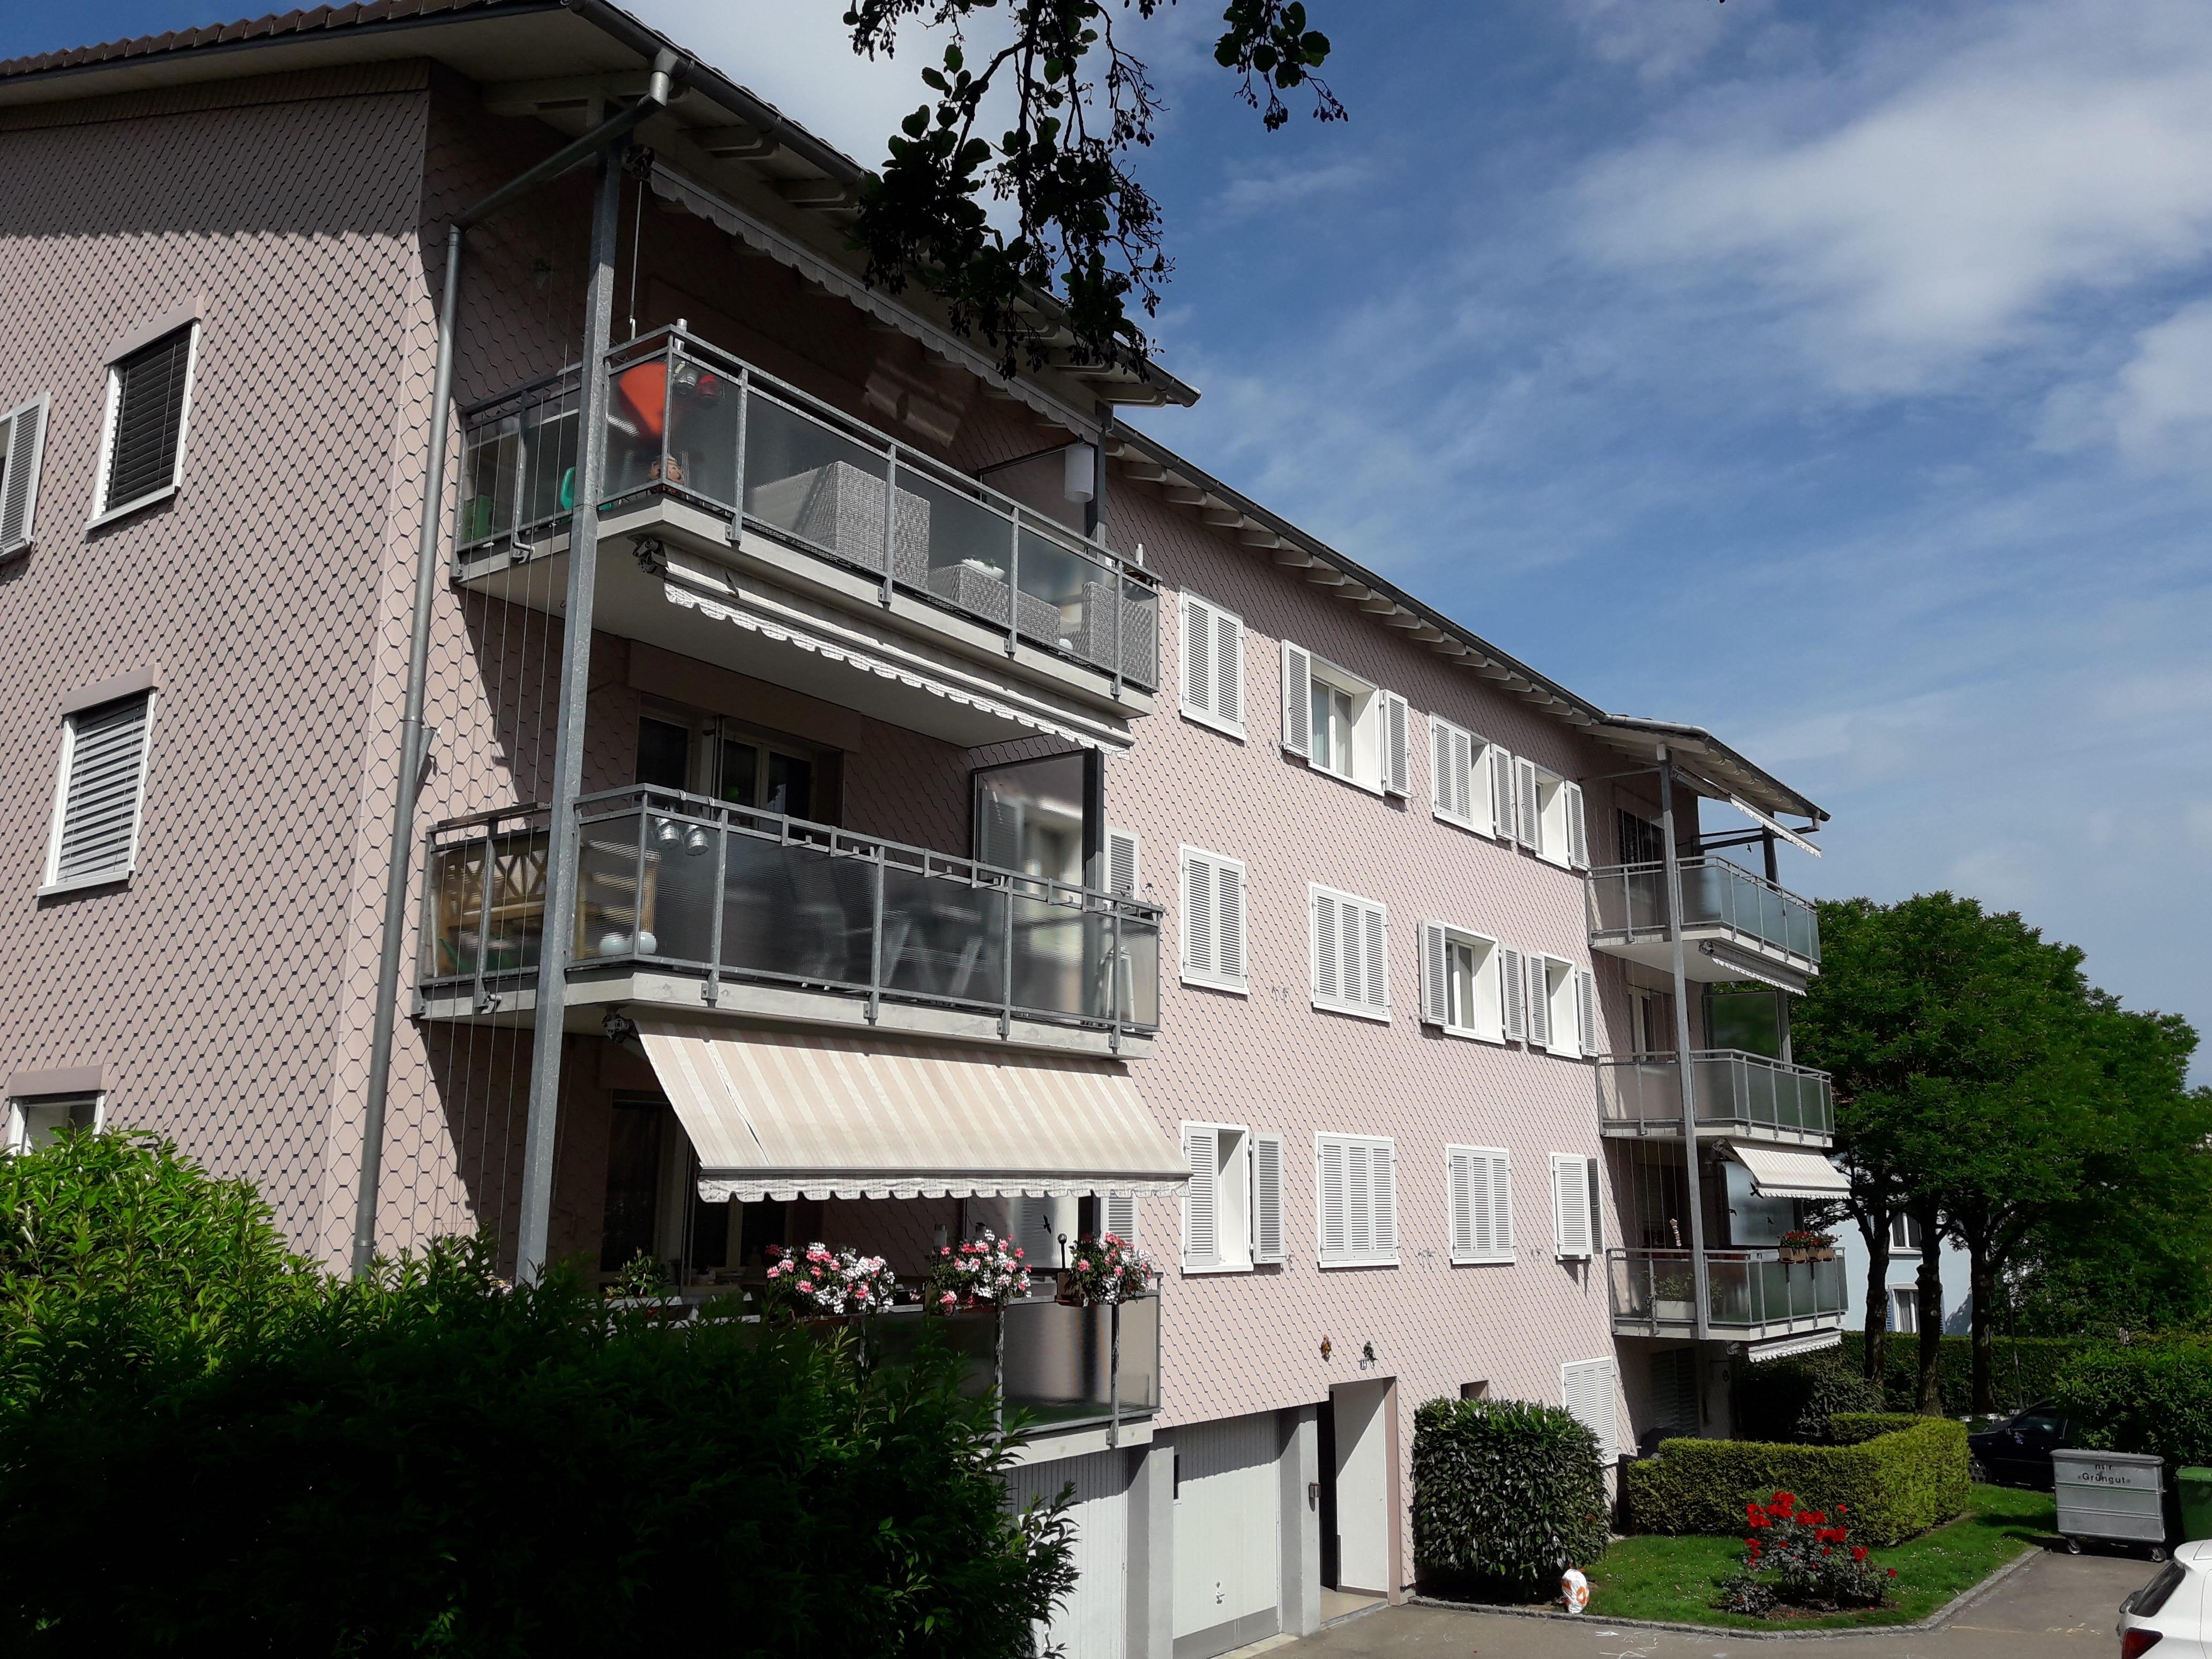 3 Zimmer Wohnung, Schurtannenweg 14, 9400 Rorschach SG